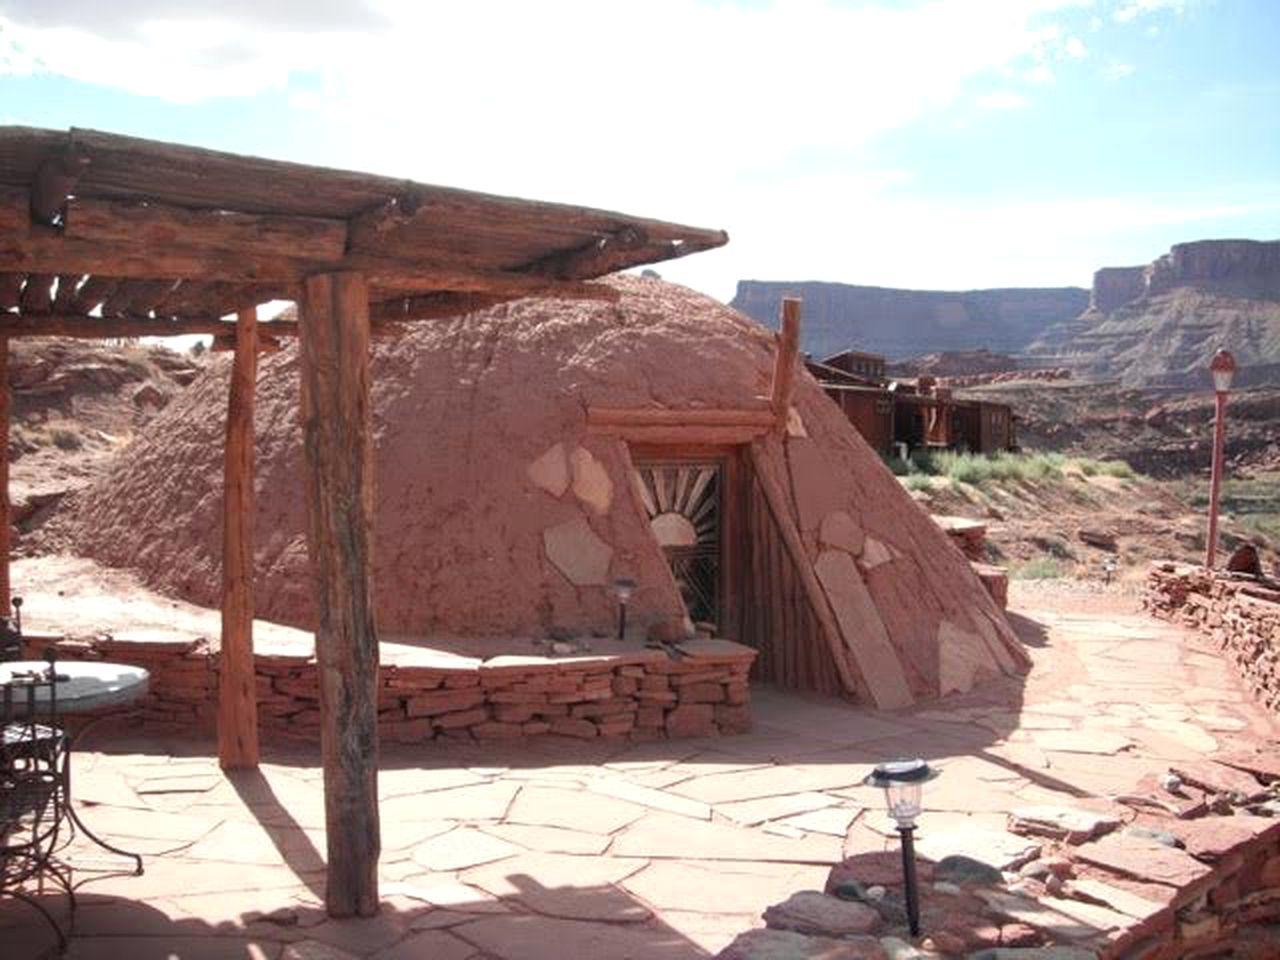 Rustic Navajo Hogan Rental for Five at Adventure Camp in Moab, Utah